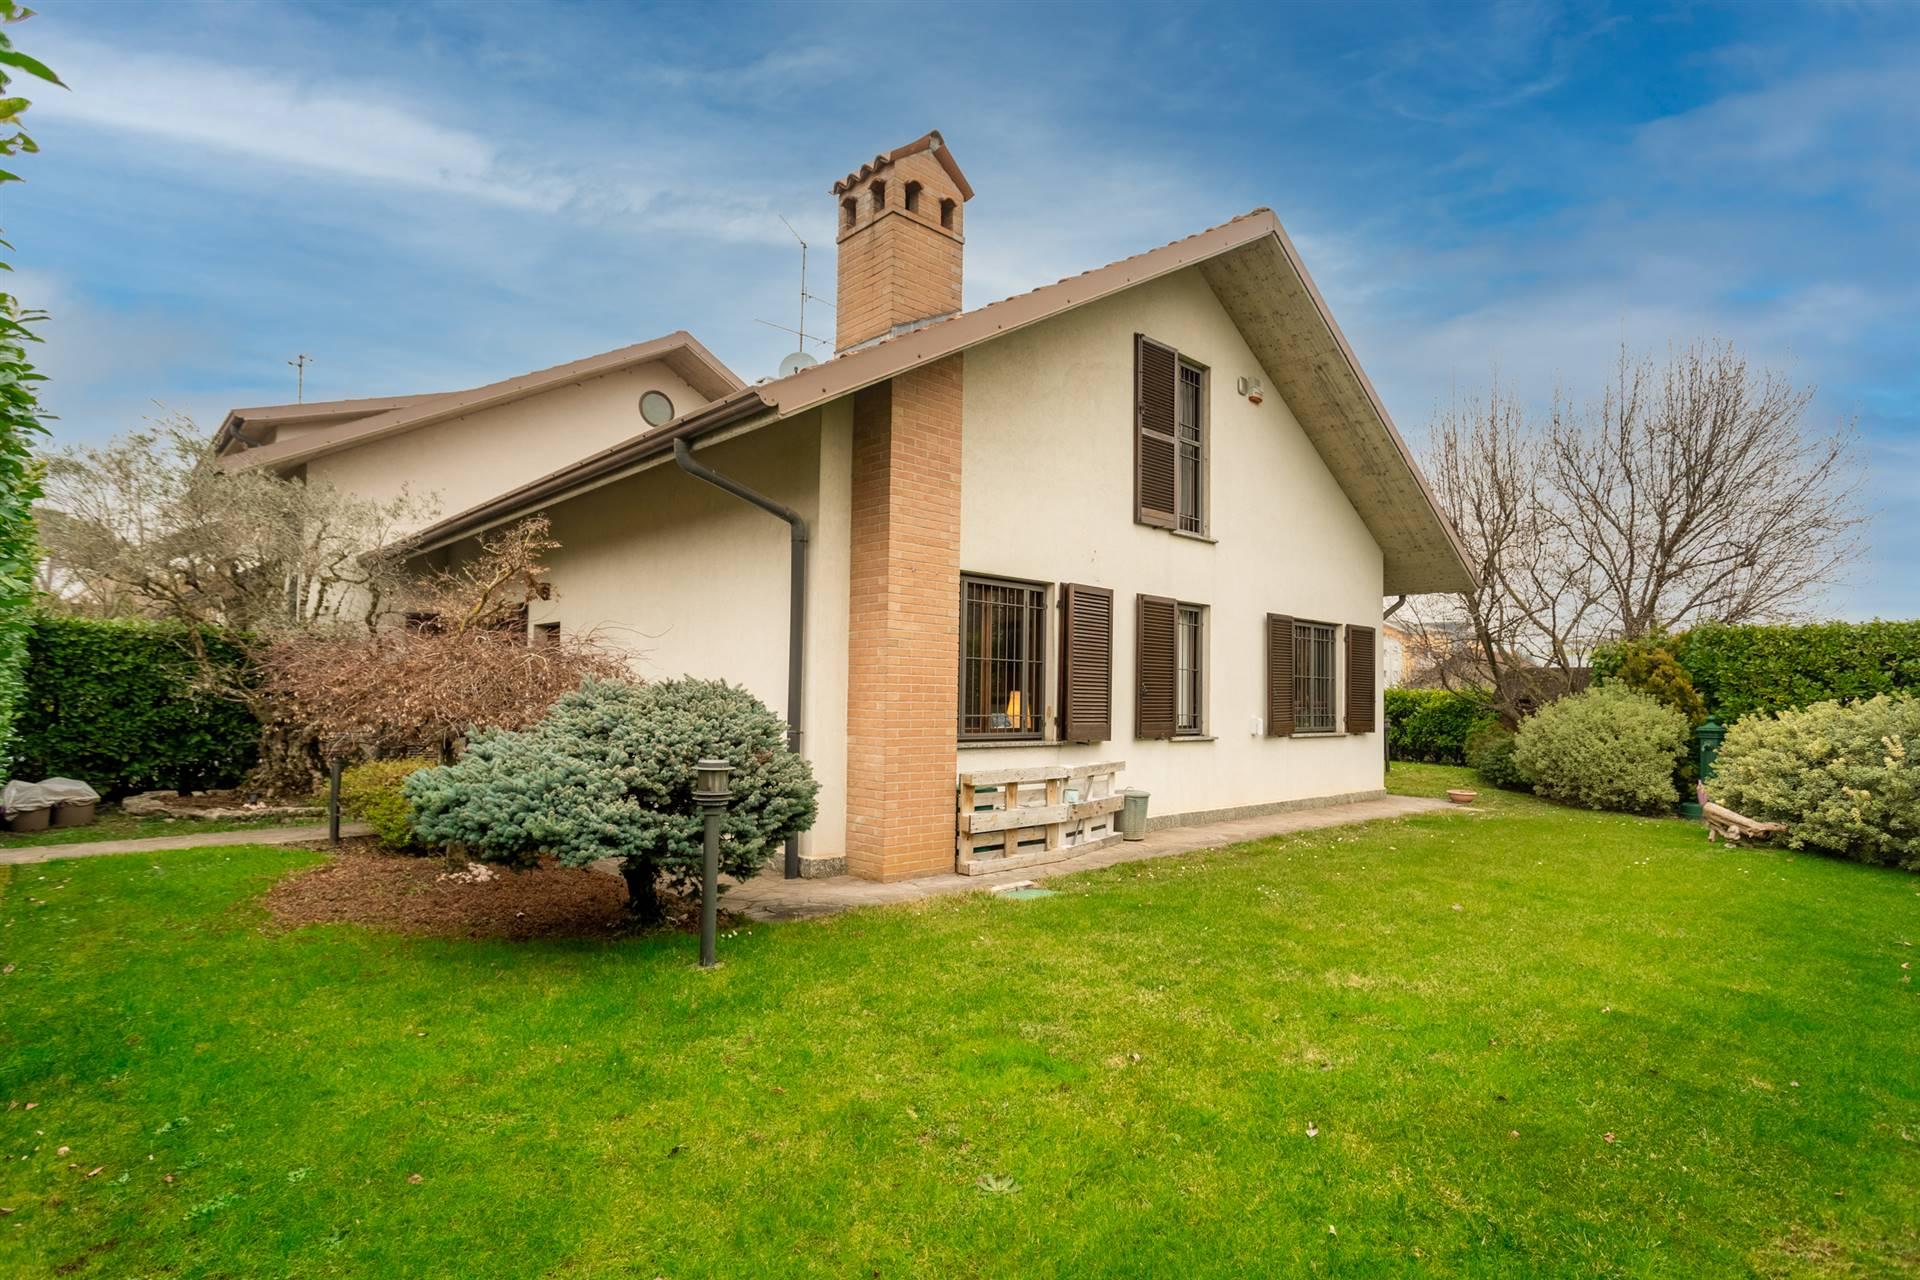 Villa in Vendita a Bernareggio: 4 locali, 267 mq